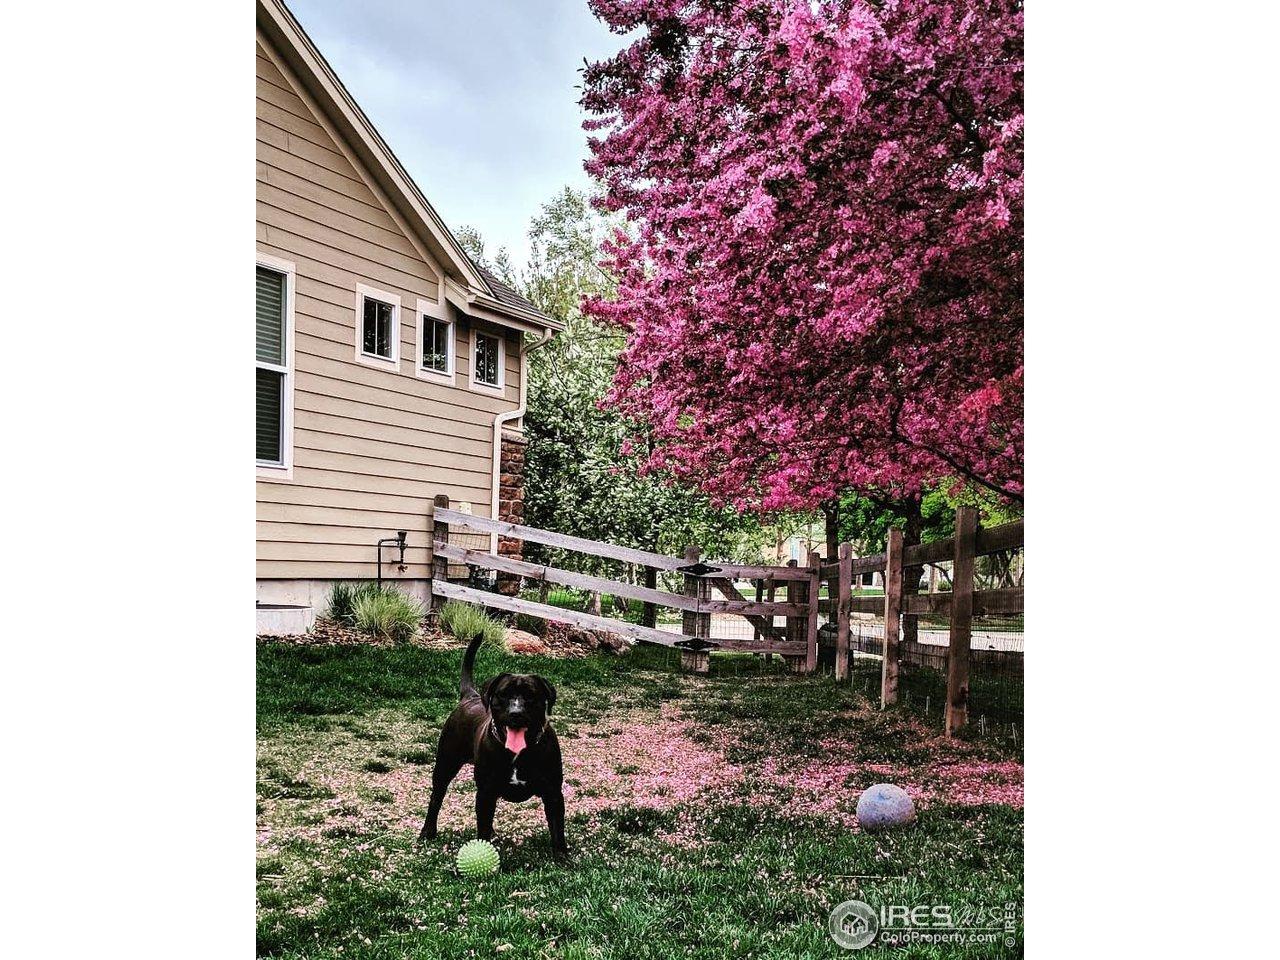 Side Yard in Spring Bloom